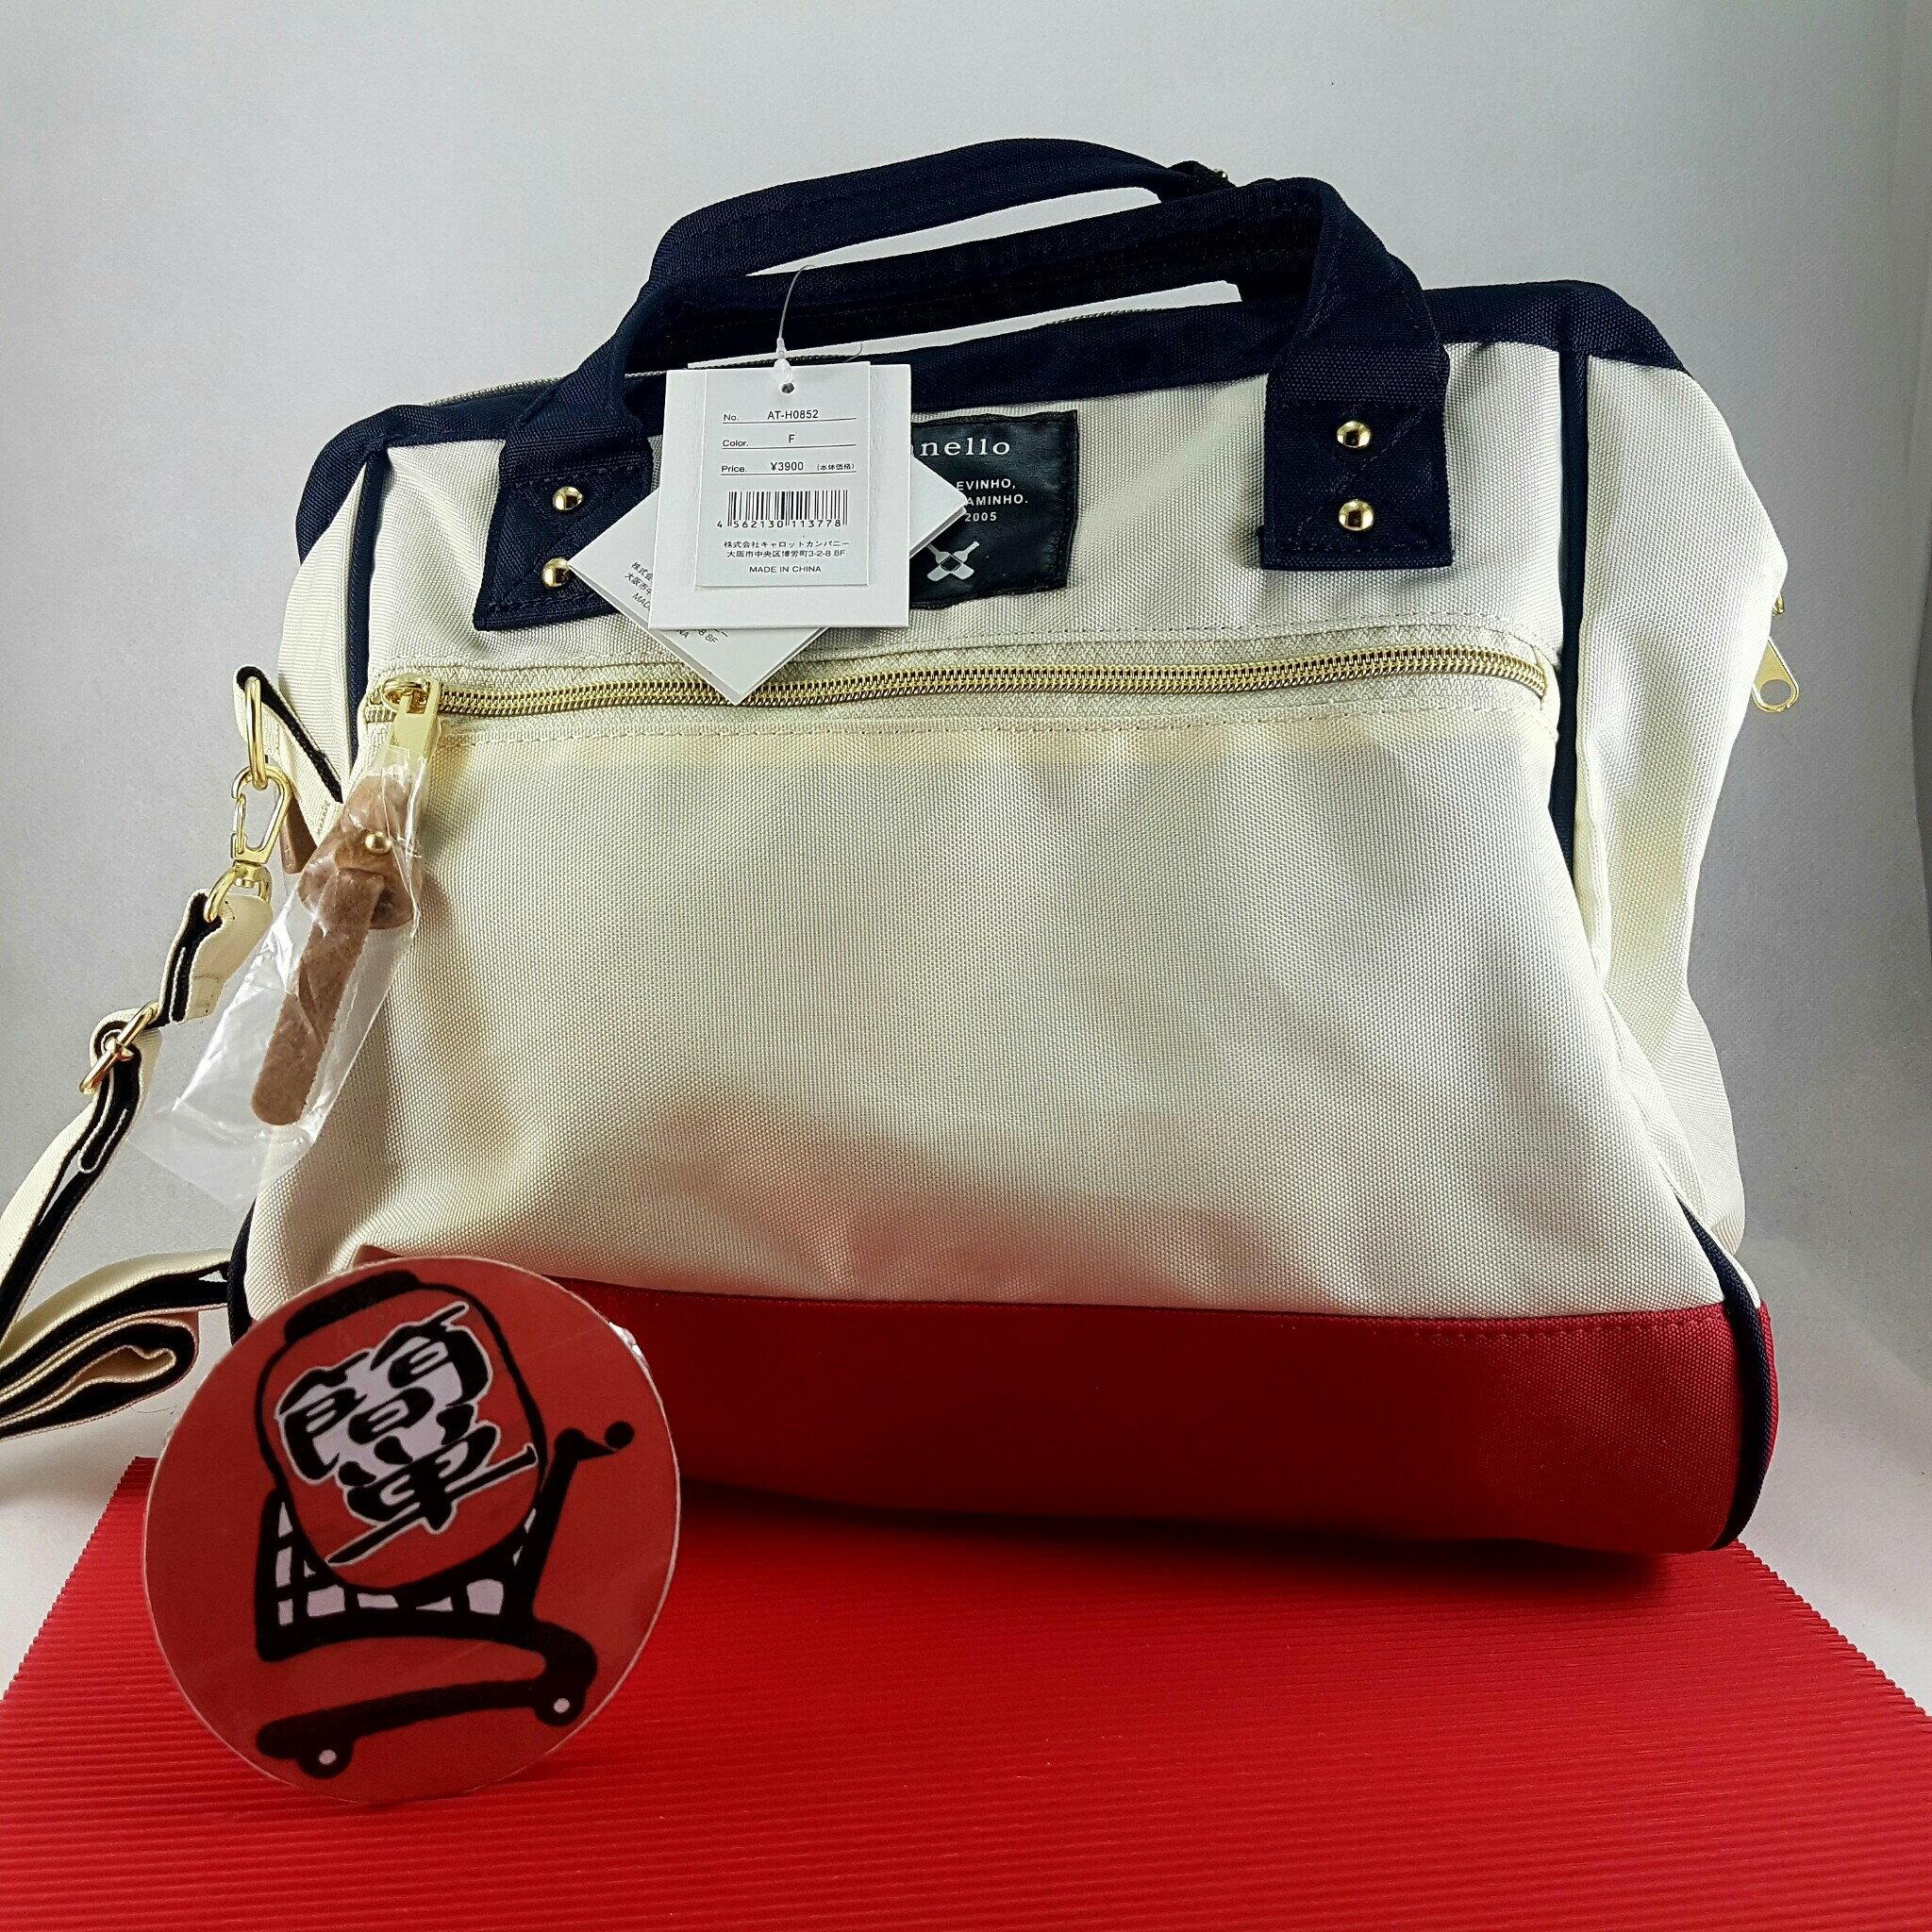 『簡単全球購』大尺寸側背-紅白款 anello 新款側背包、手提包 2WAY 男女通用時尚包 大尺寸波